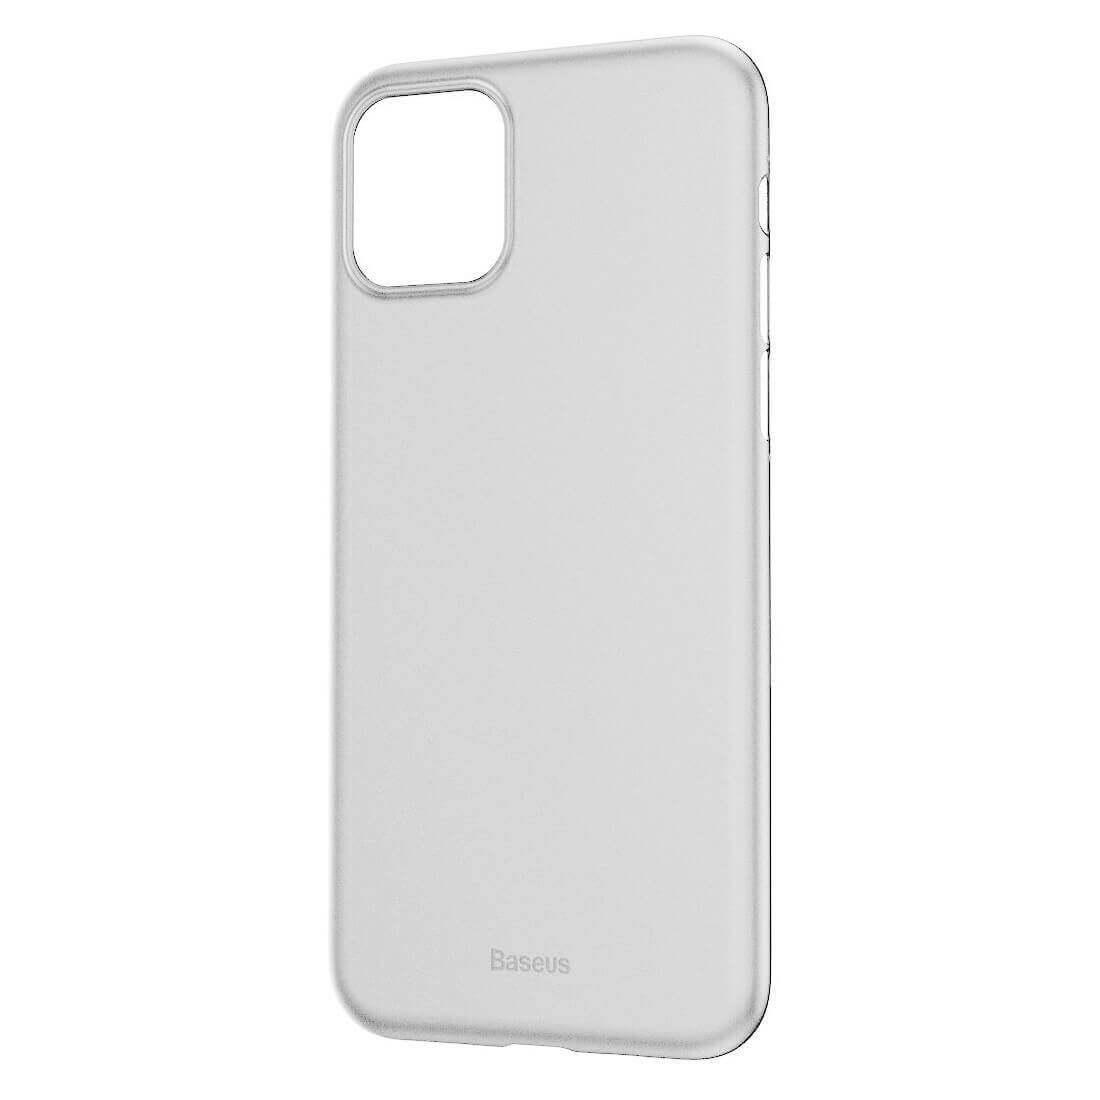 Baseus Wing case — тънък полипропиленов кейс (0.45 mm) за iPhone 11 Pro (бял) - 2